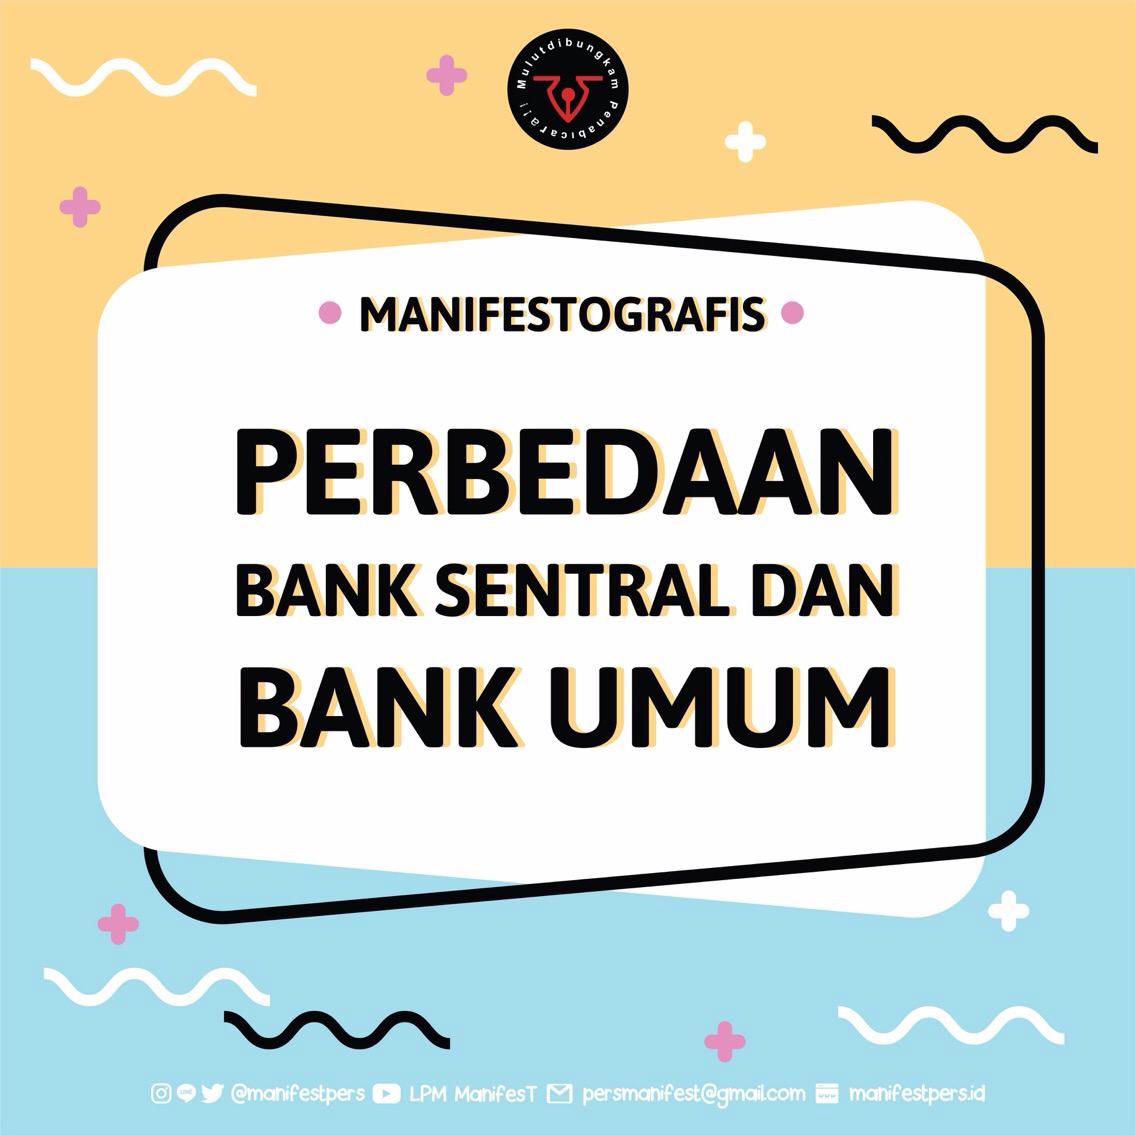 [ MANIFESTOGRAFIS : PERBEDAAN BANK SENTRAL DAN BANK UMUM ]  Dalam rangkan Hari Bank Indonesia nih ManifesT kasih Infografis kece.  Semoga bank Indonesia semakin terpercaya, kokoh dan semakin memajukan perbankan nasional.  #ManifesT #haribankindonesia https://t.co/KGxBFOlPZE